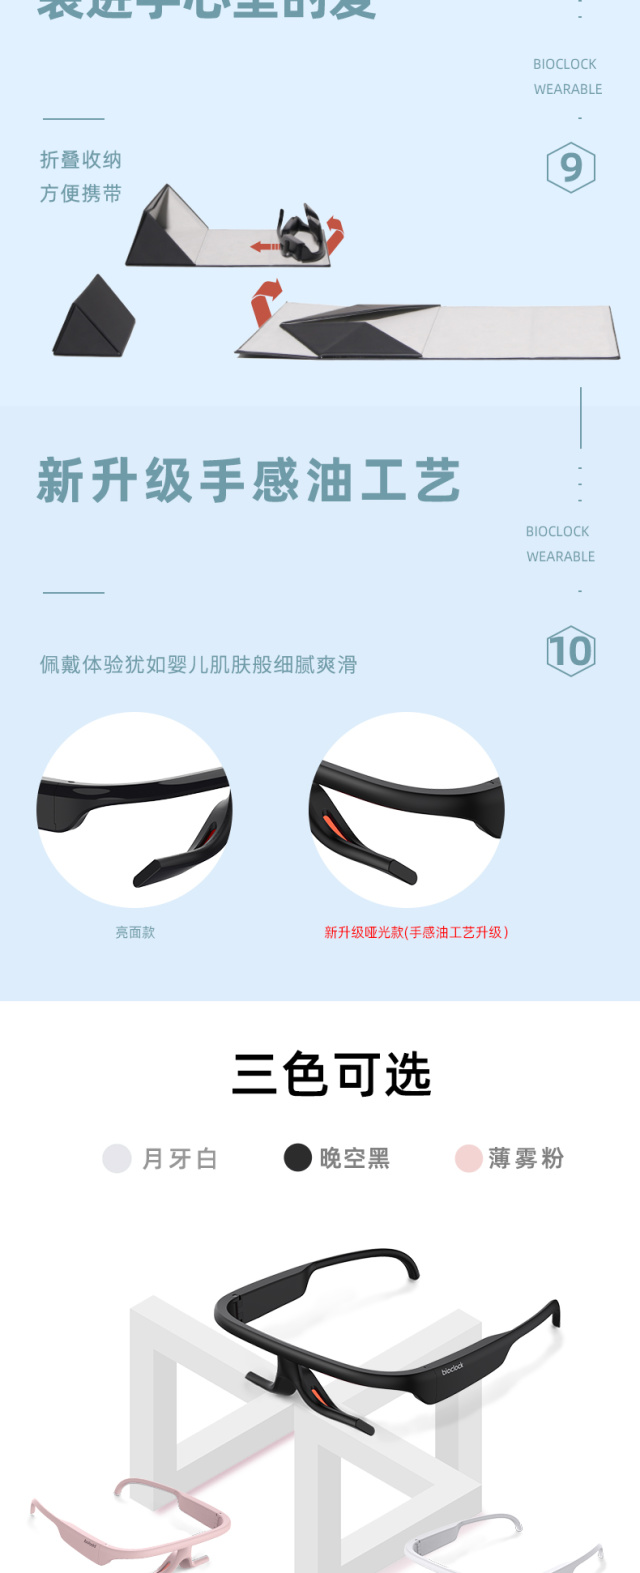 bioclock智能生物钟眼镜